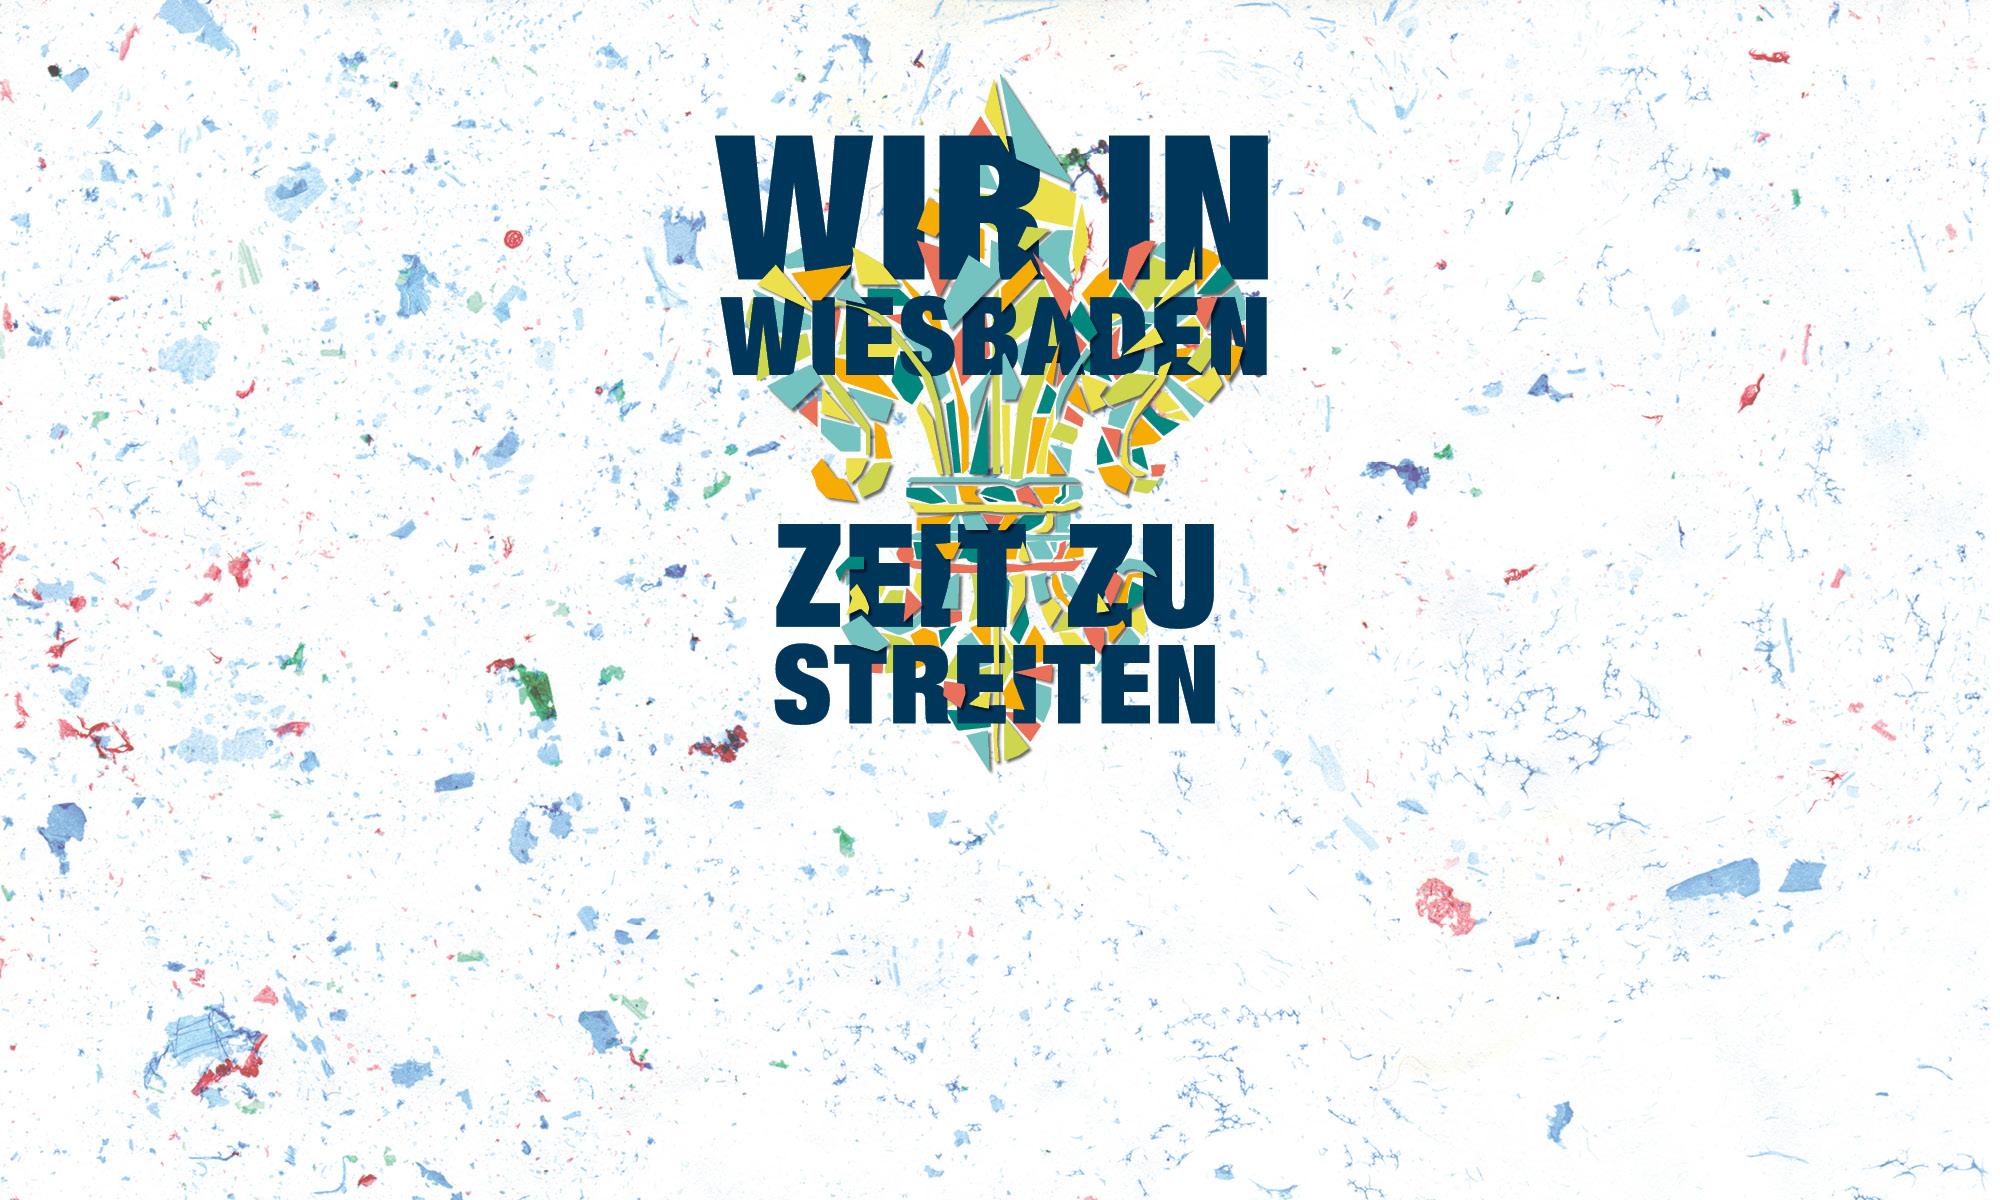 WIR in Wiesbaden 2018